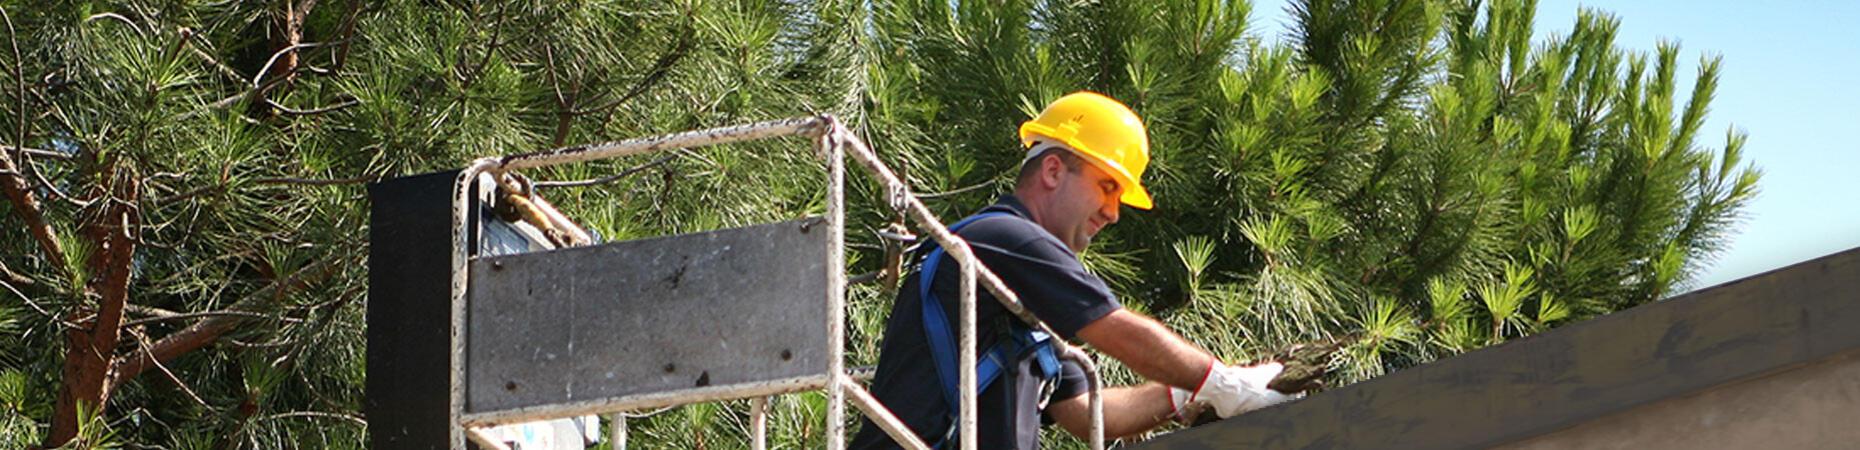 eco-service it pulizie-e-manutenzione-grondaie 005